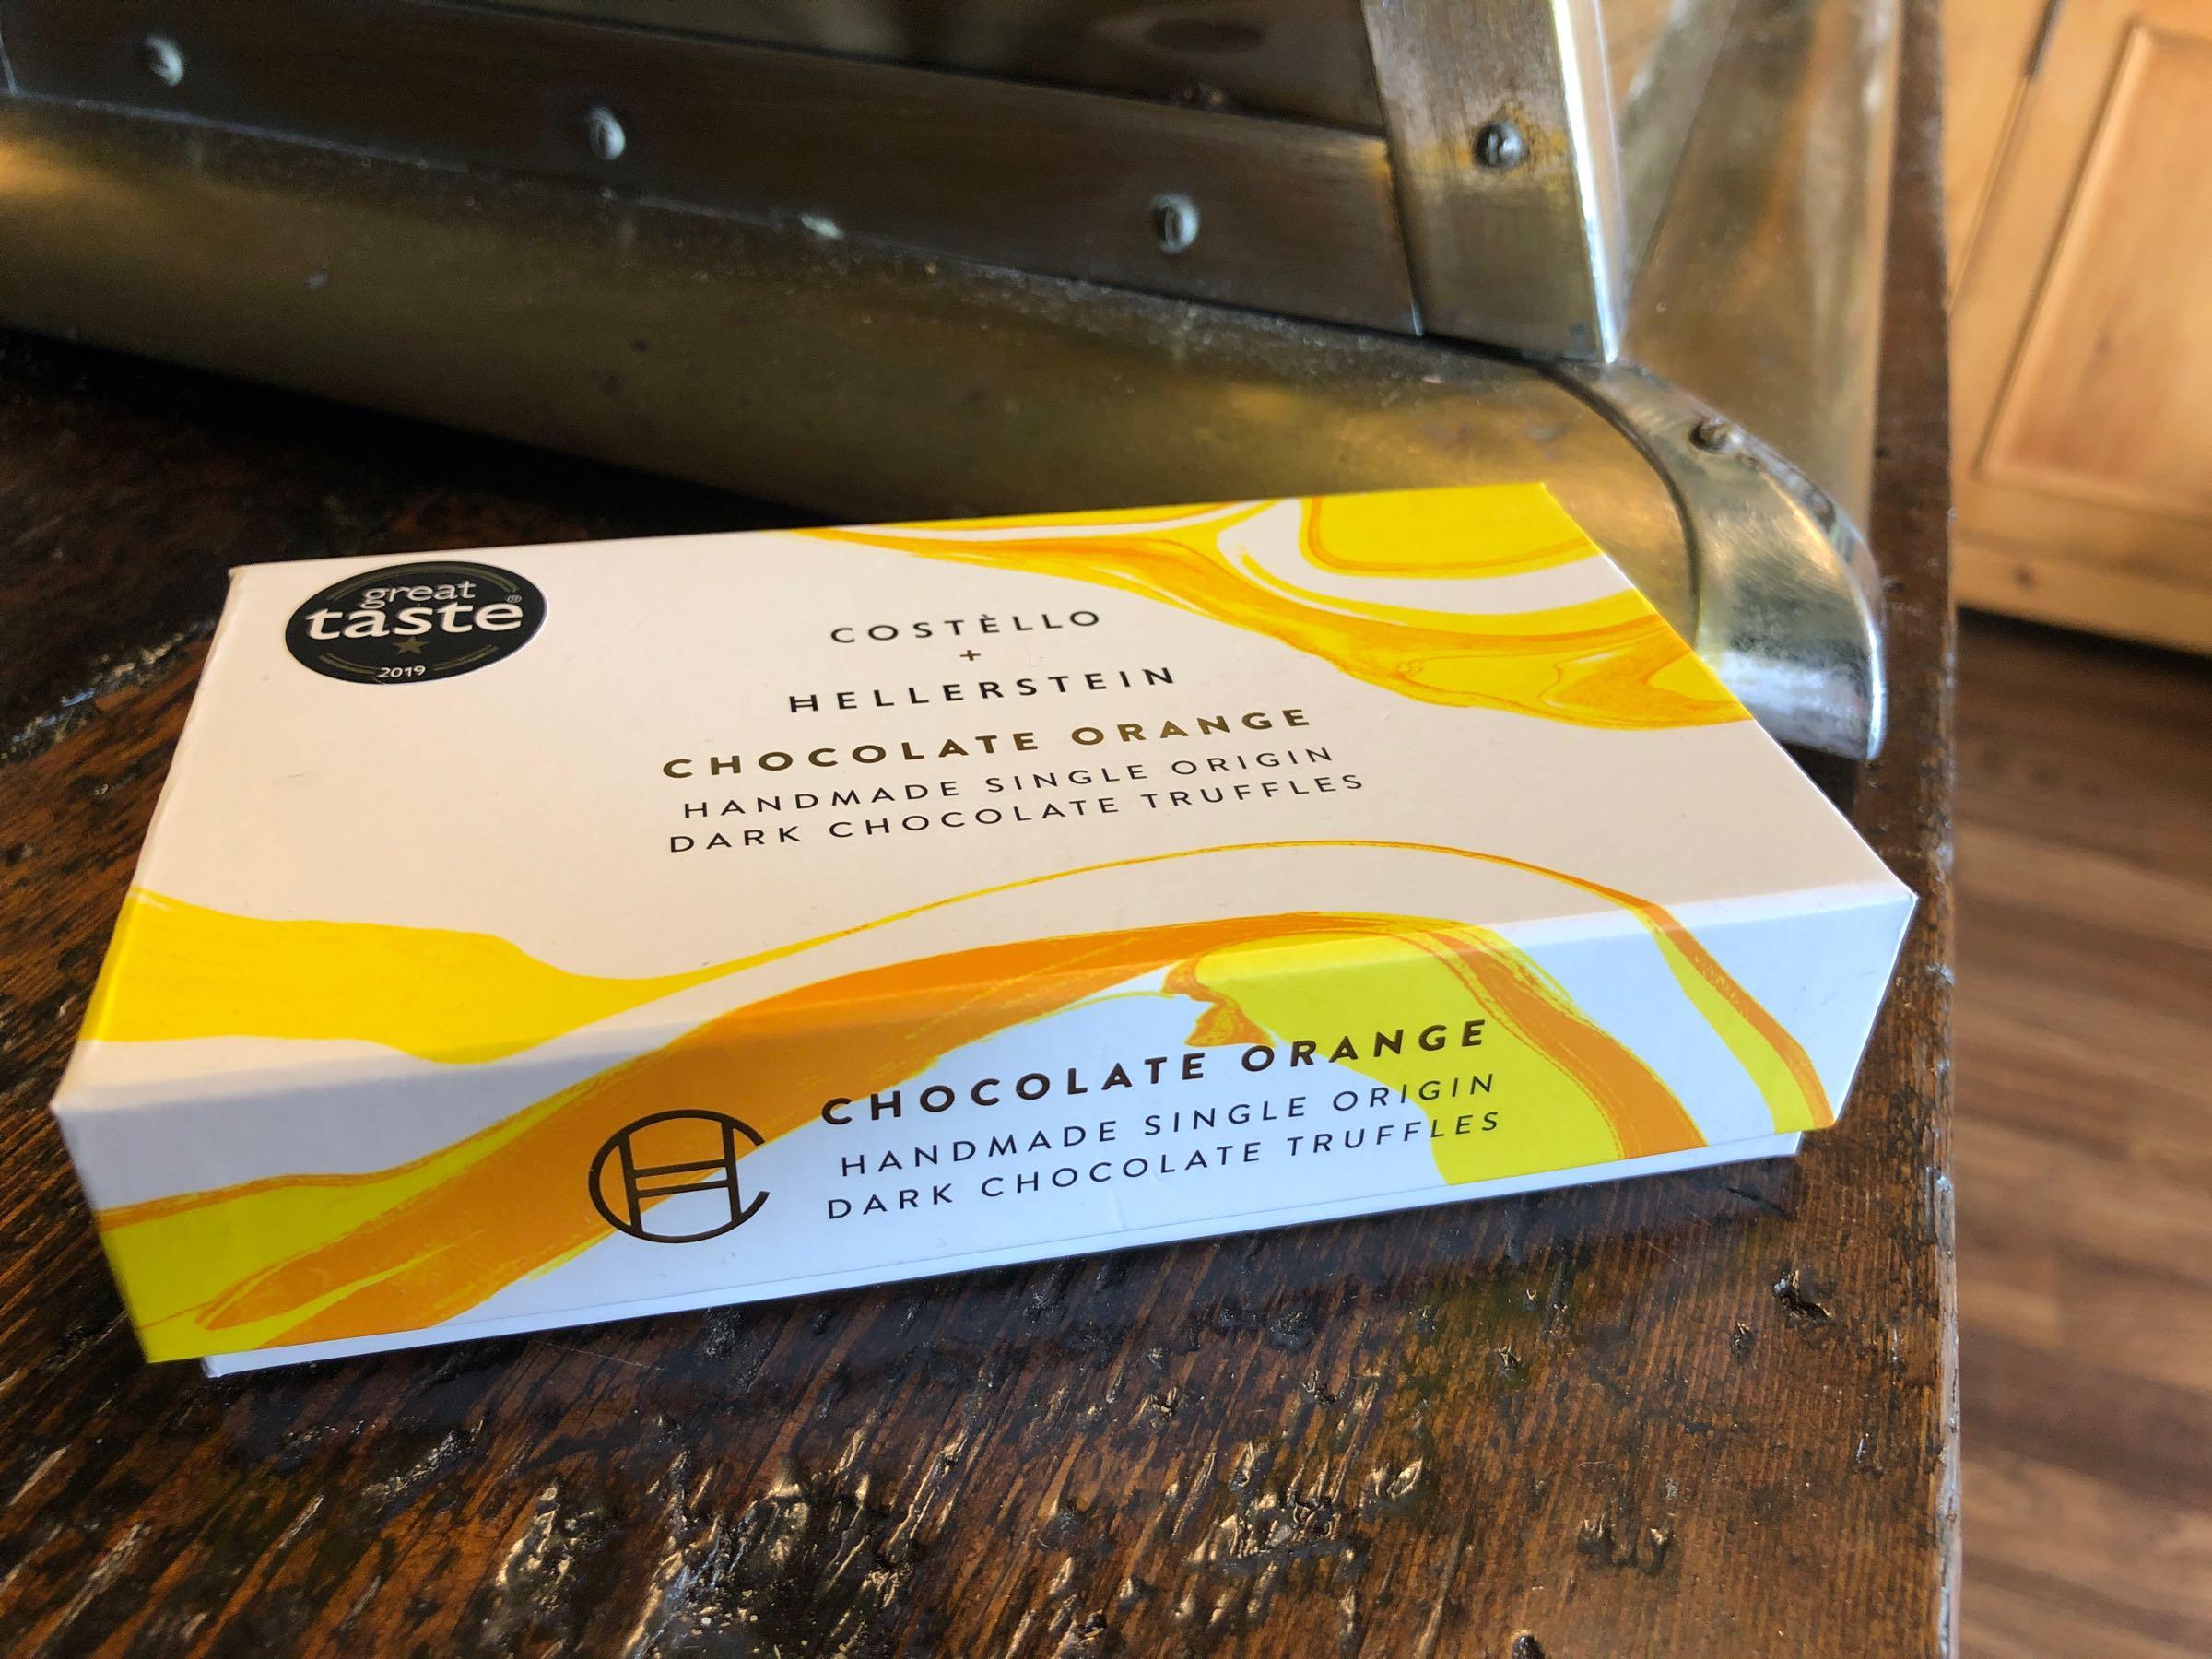 Costello + Hellerstein Dark Chocolate Orange Chocolate Truffles